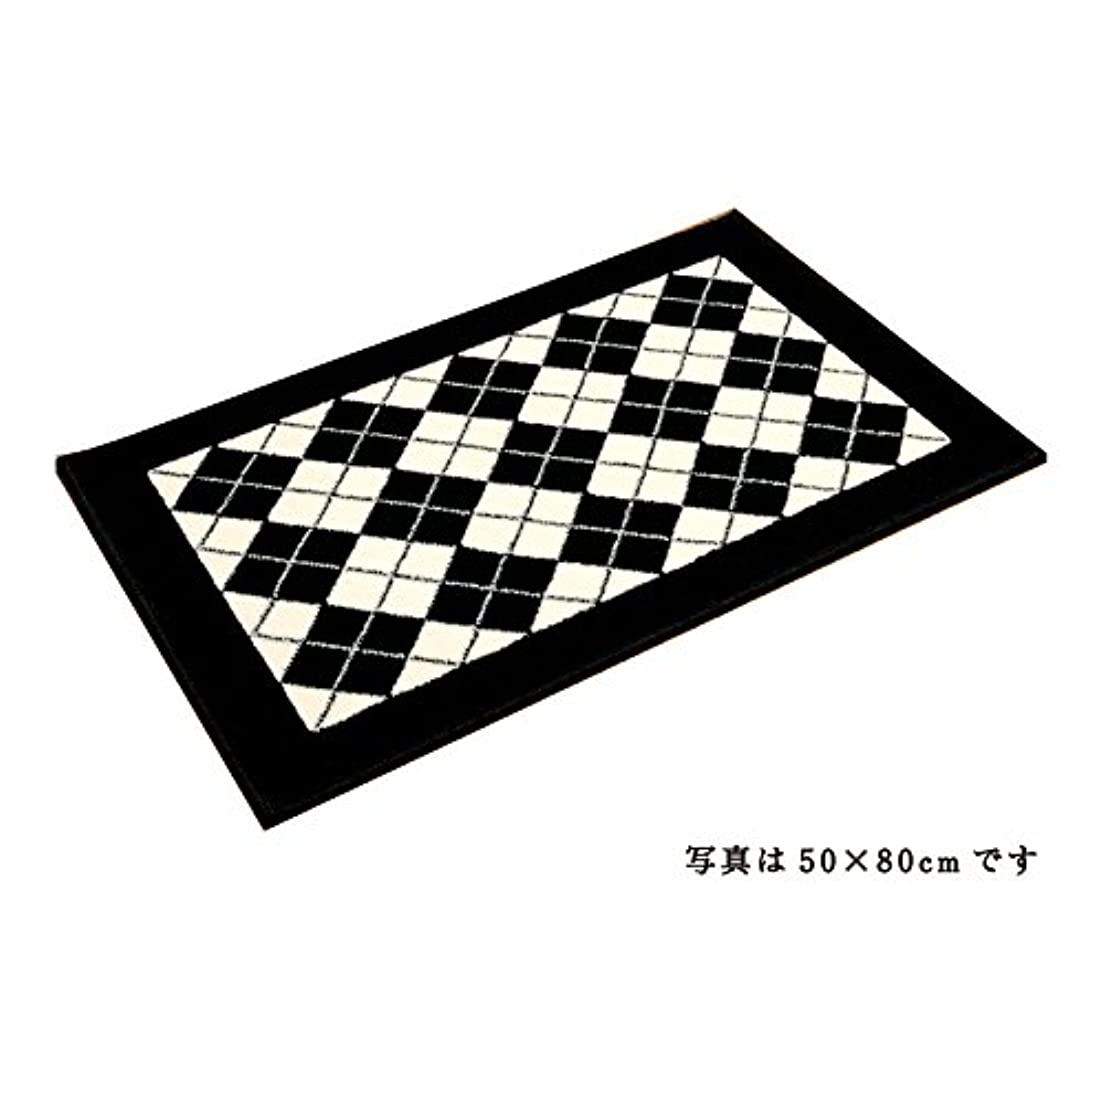 待ってみなす静かな【アウトレット】ベルギー製モノトーンカーペット 120×160cm (ブラック)